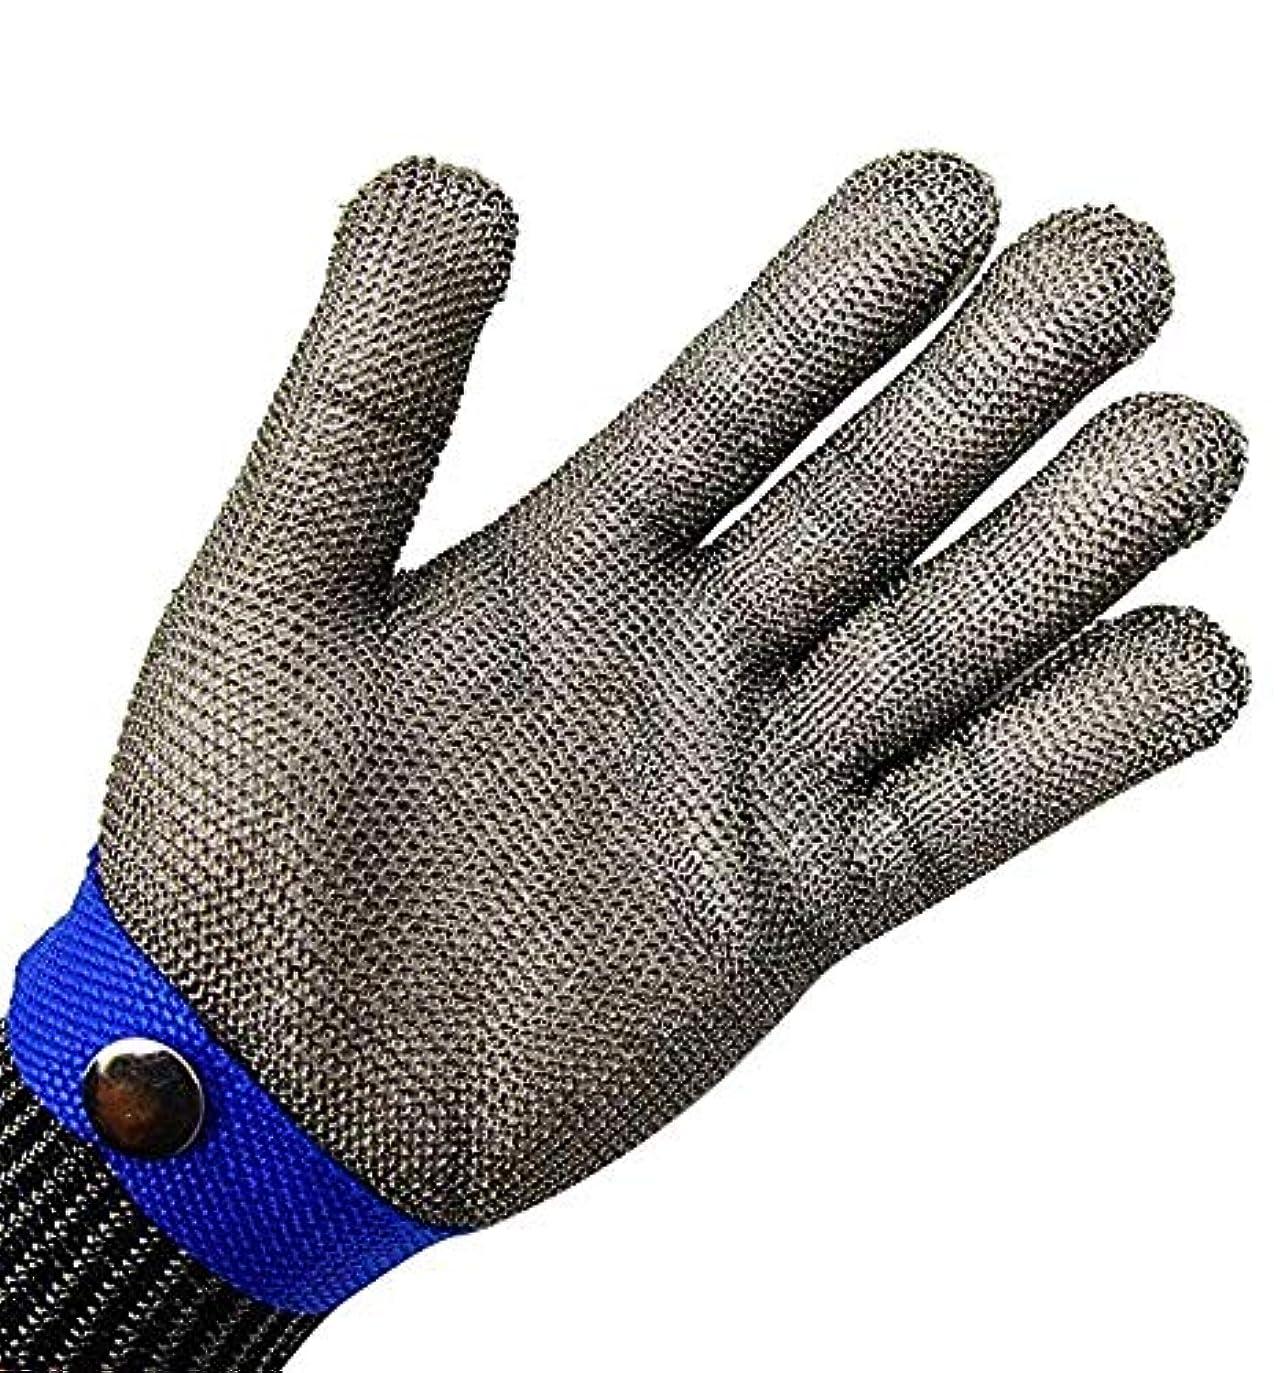 立場貞旅行食肉加工、釣り用のカット耐性の手袋、ステンレス鋼線メタルメッシュブッチャー安全作業手袋,L